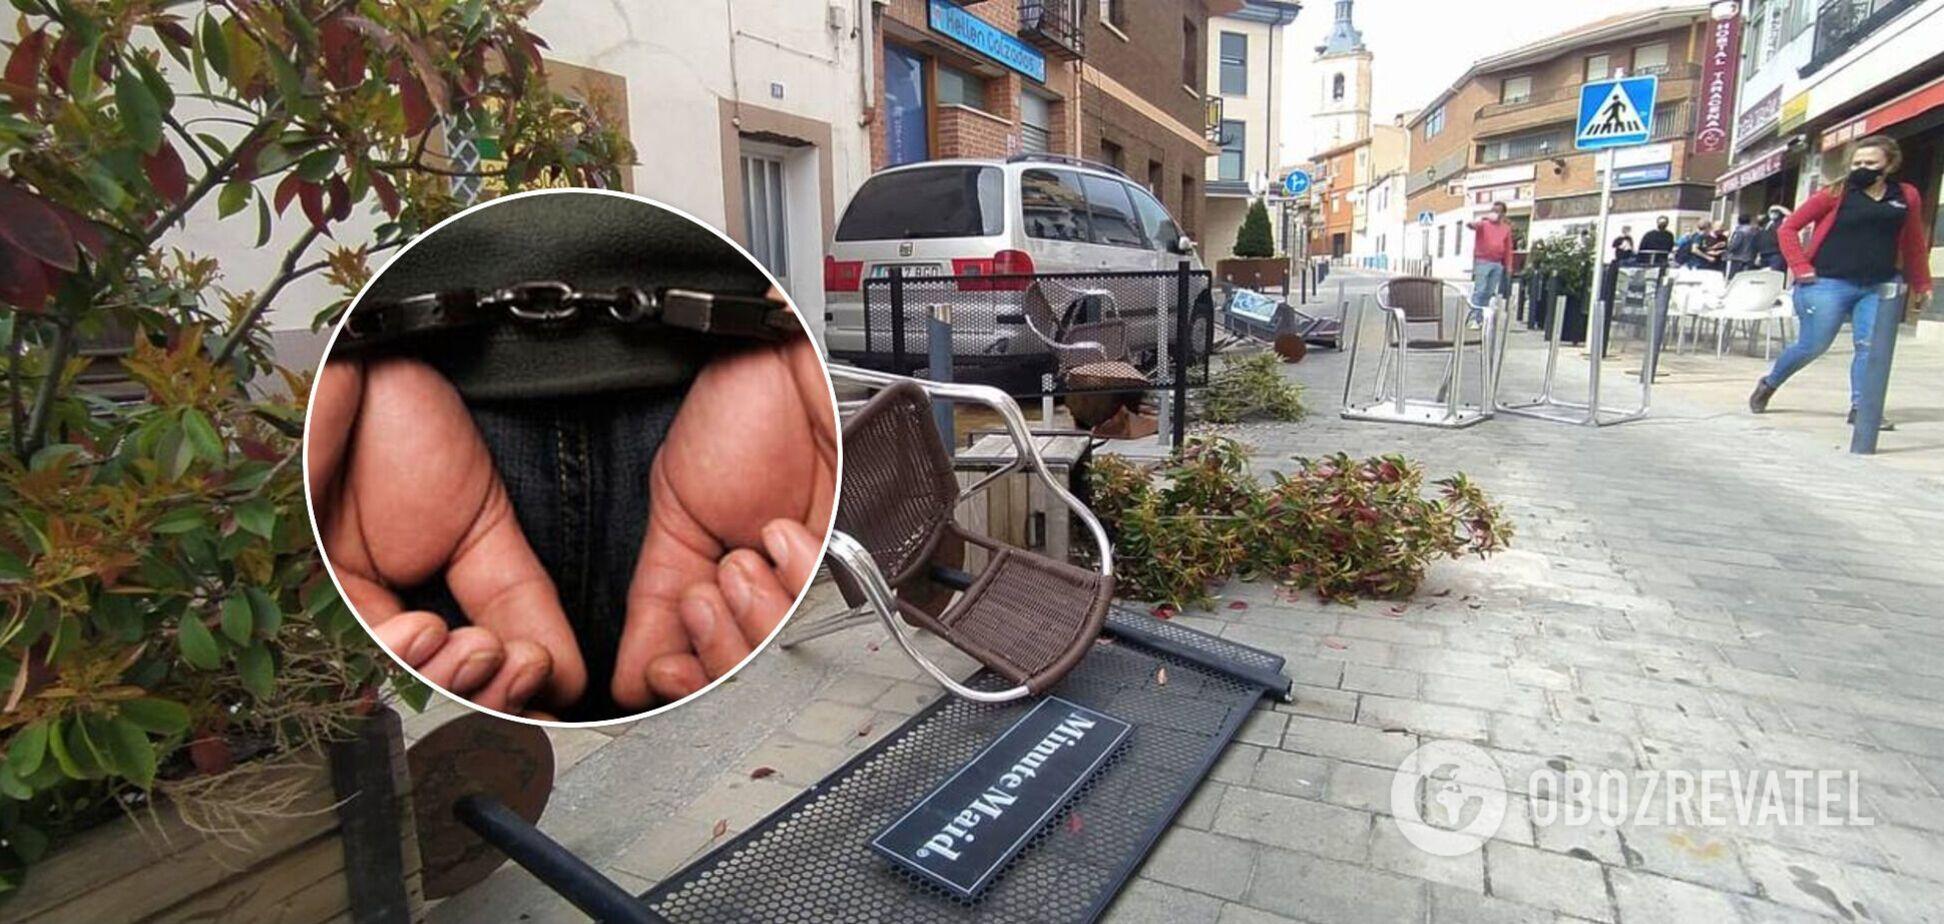 В Испании из-за наезда автомобиля пострадали семь человек. Фото